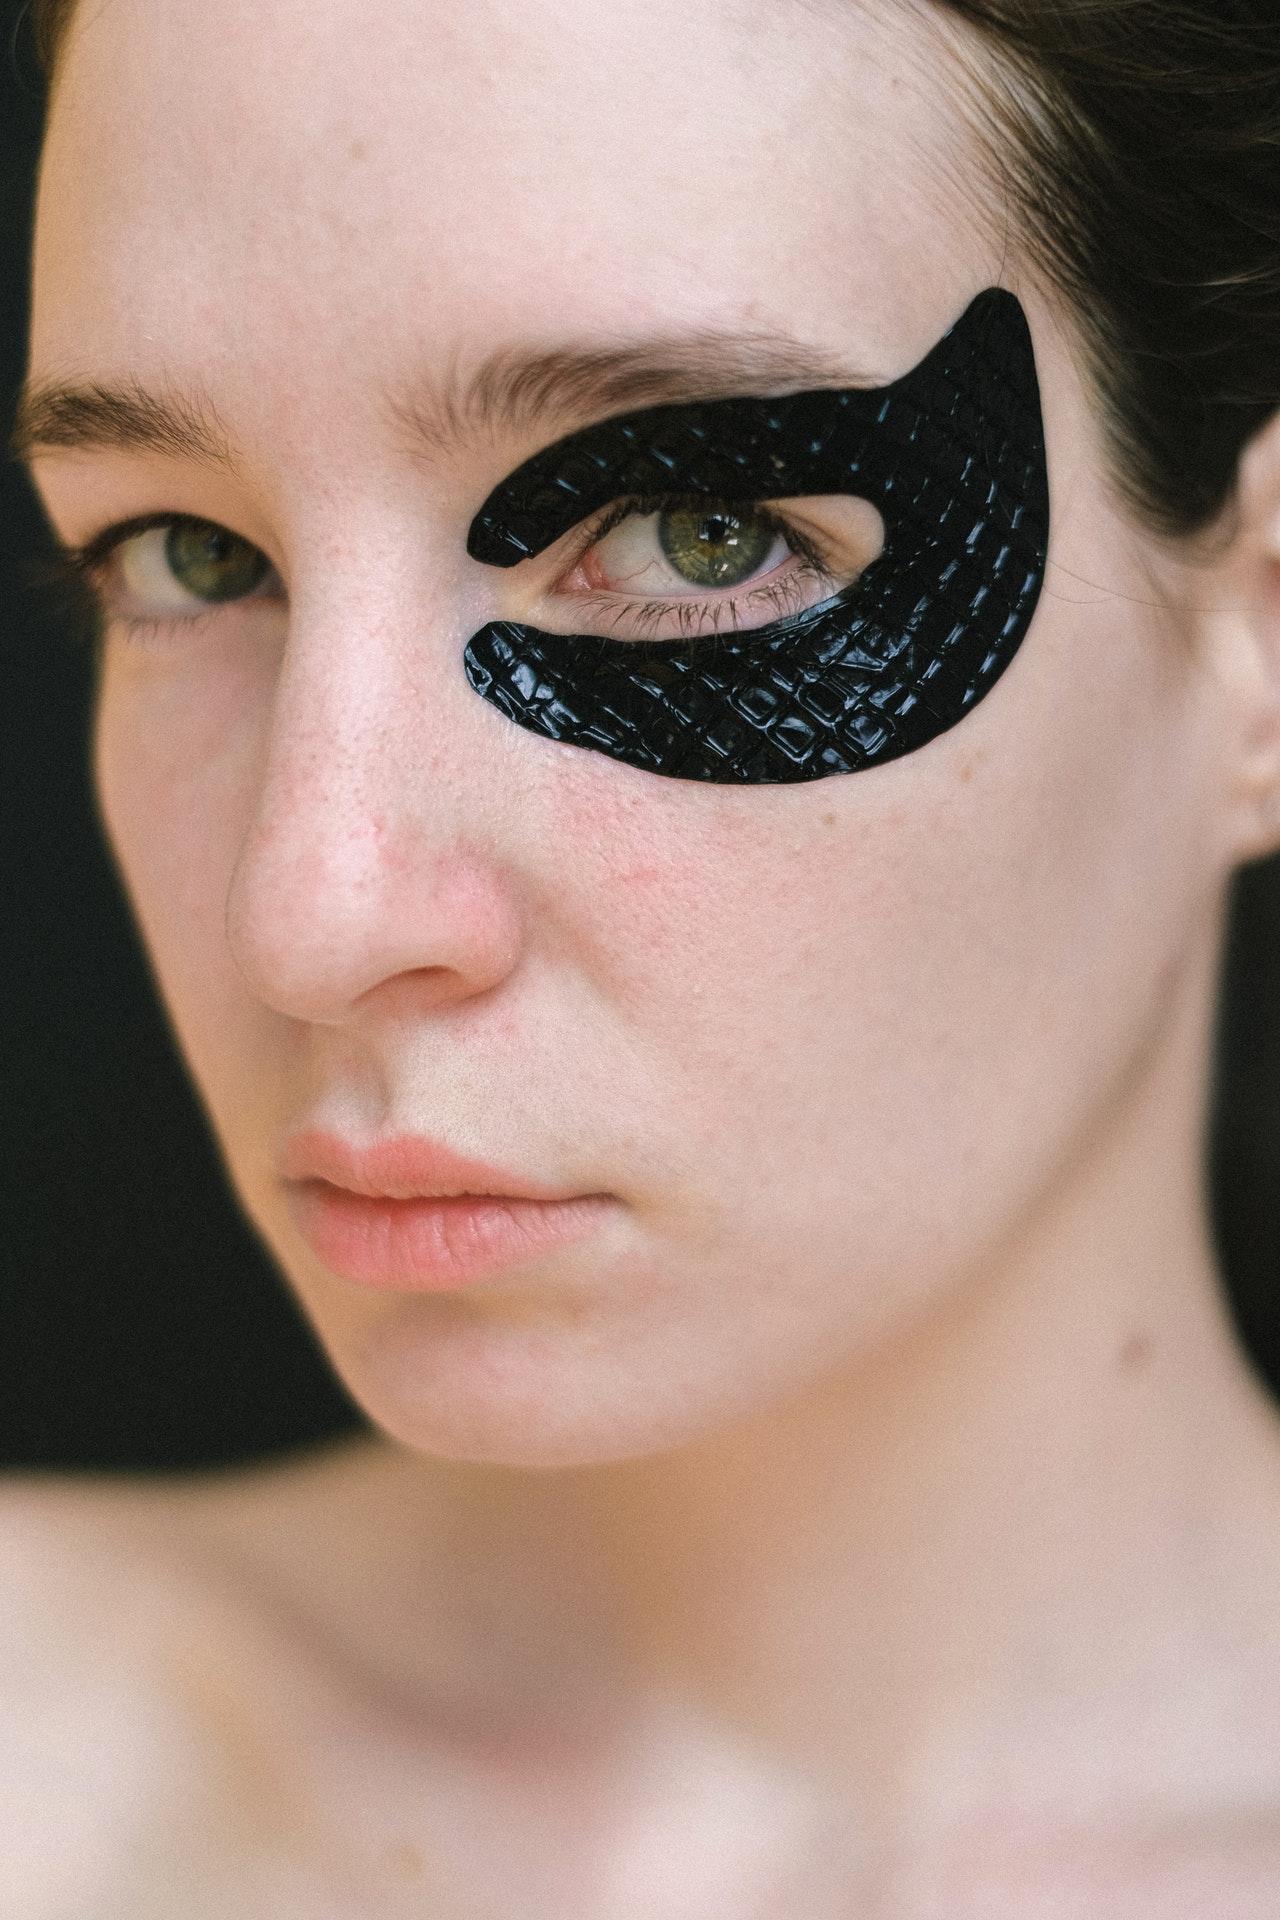 Problemas que se pueden presentar en el contorno de ojos